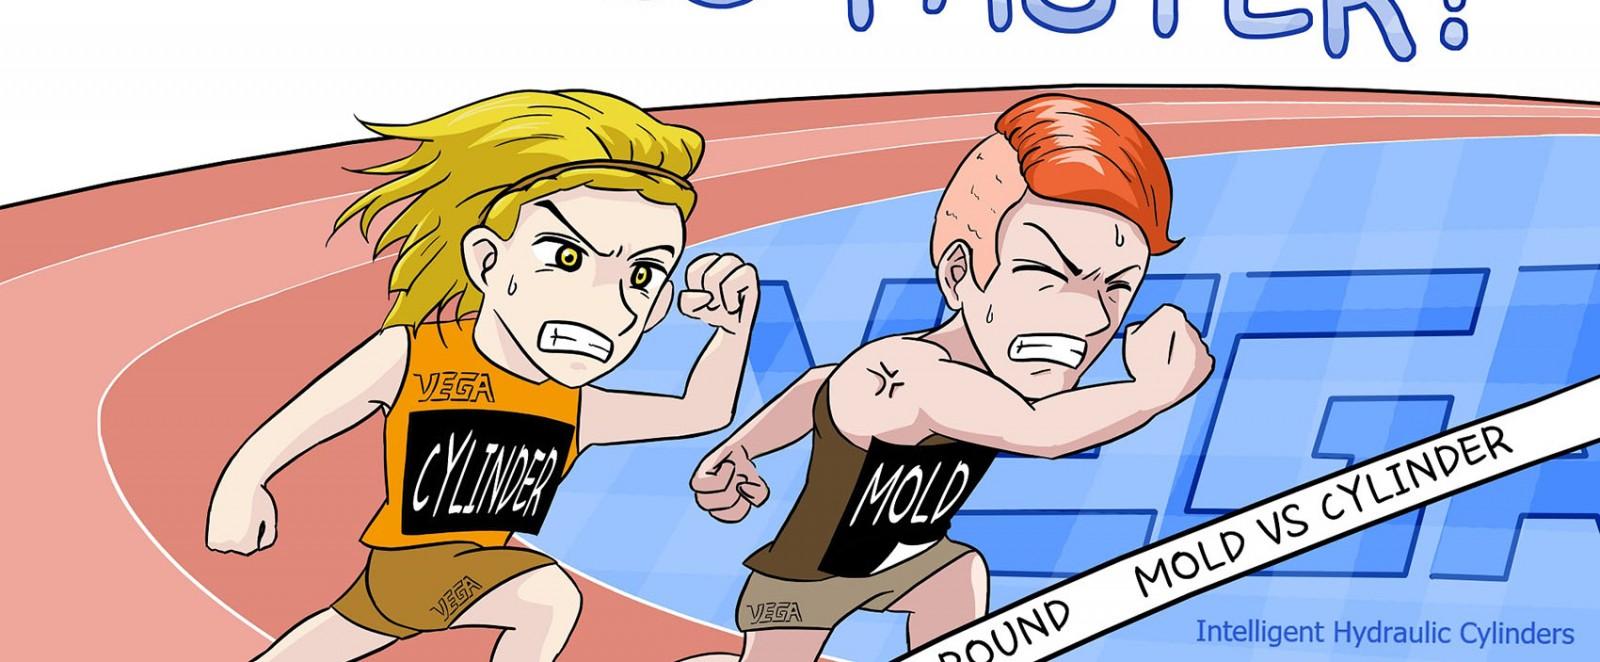 Vega Cylinder vs Mold